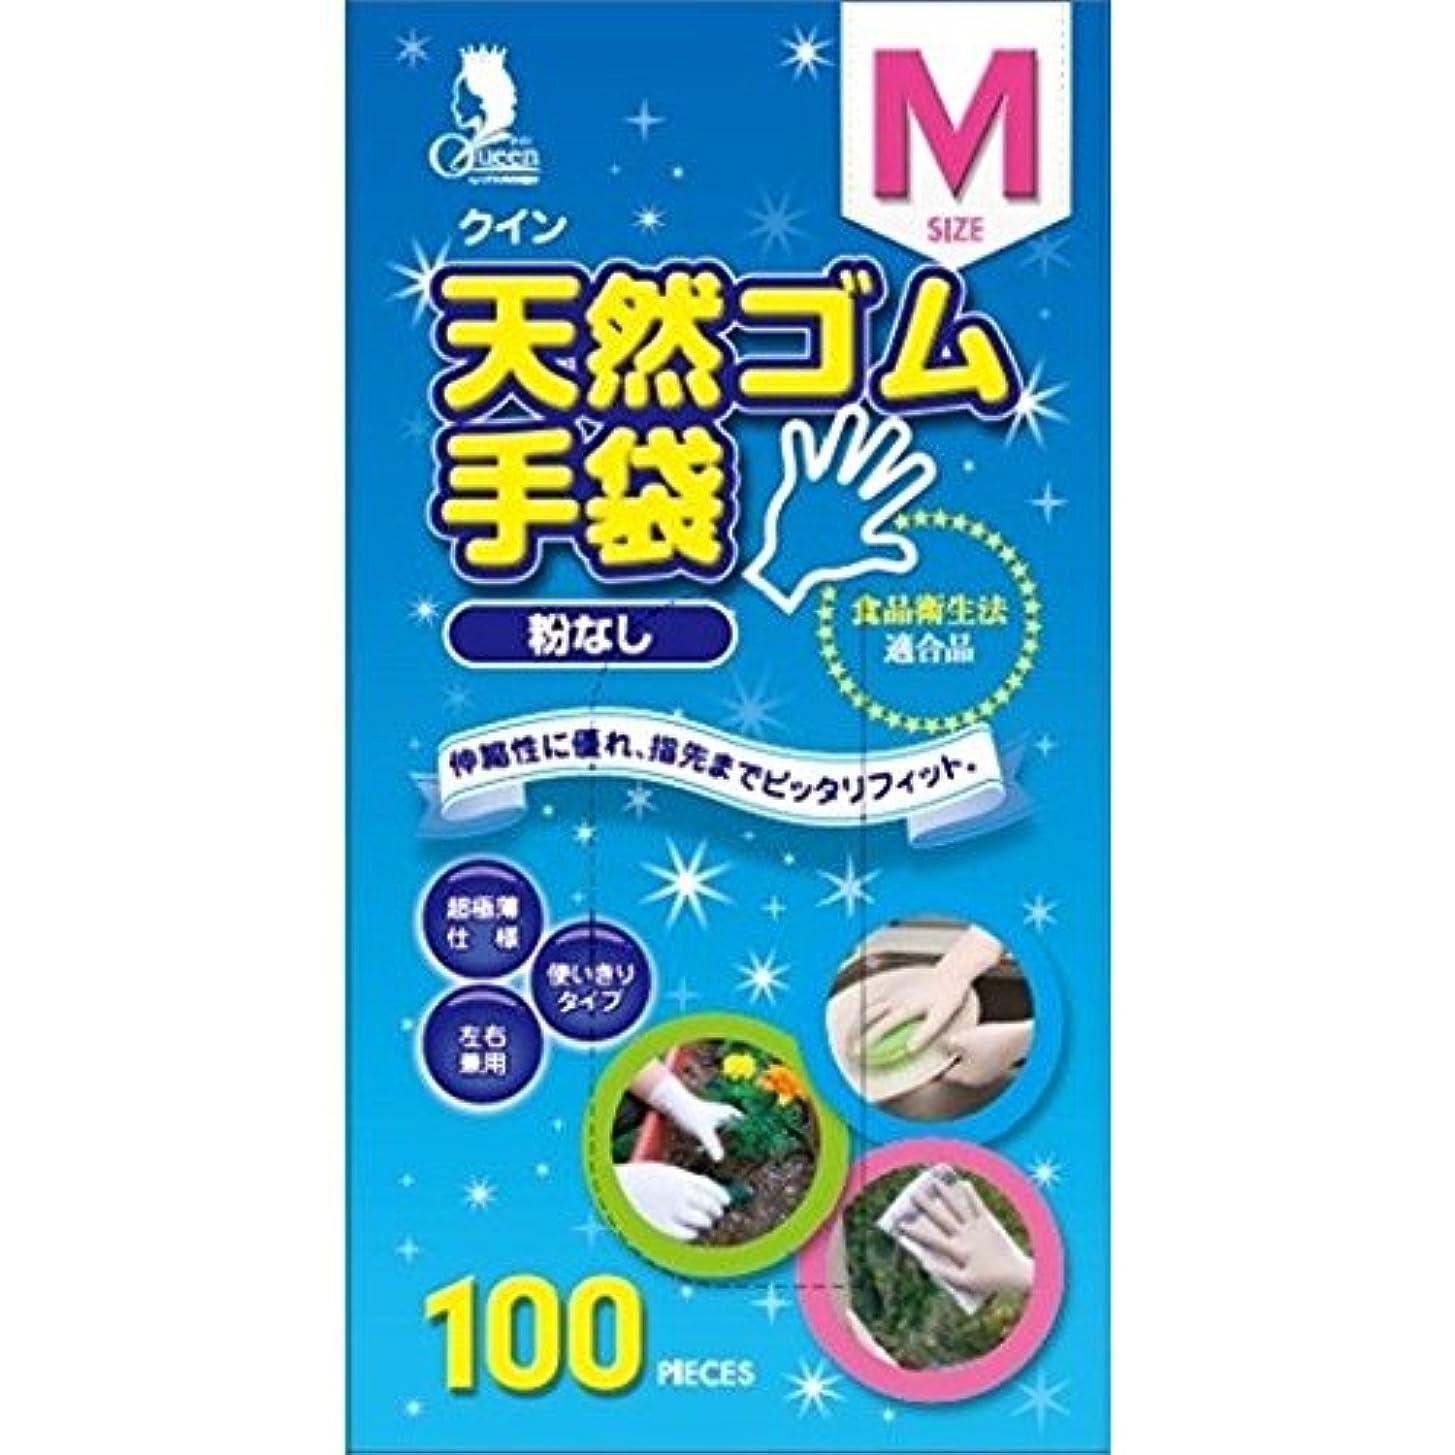 太字関与する法的宇都宮製作 クイン 天然ゴム手袋 Mサイズ 100枚